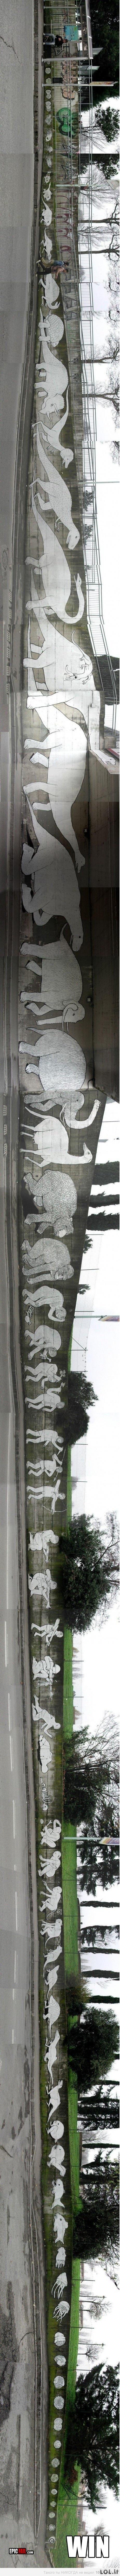 Visa evoliucija per vieną graffiti